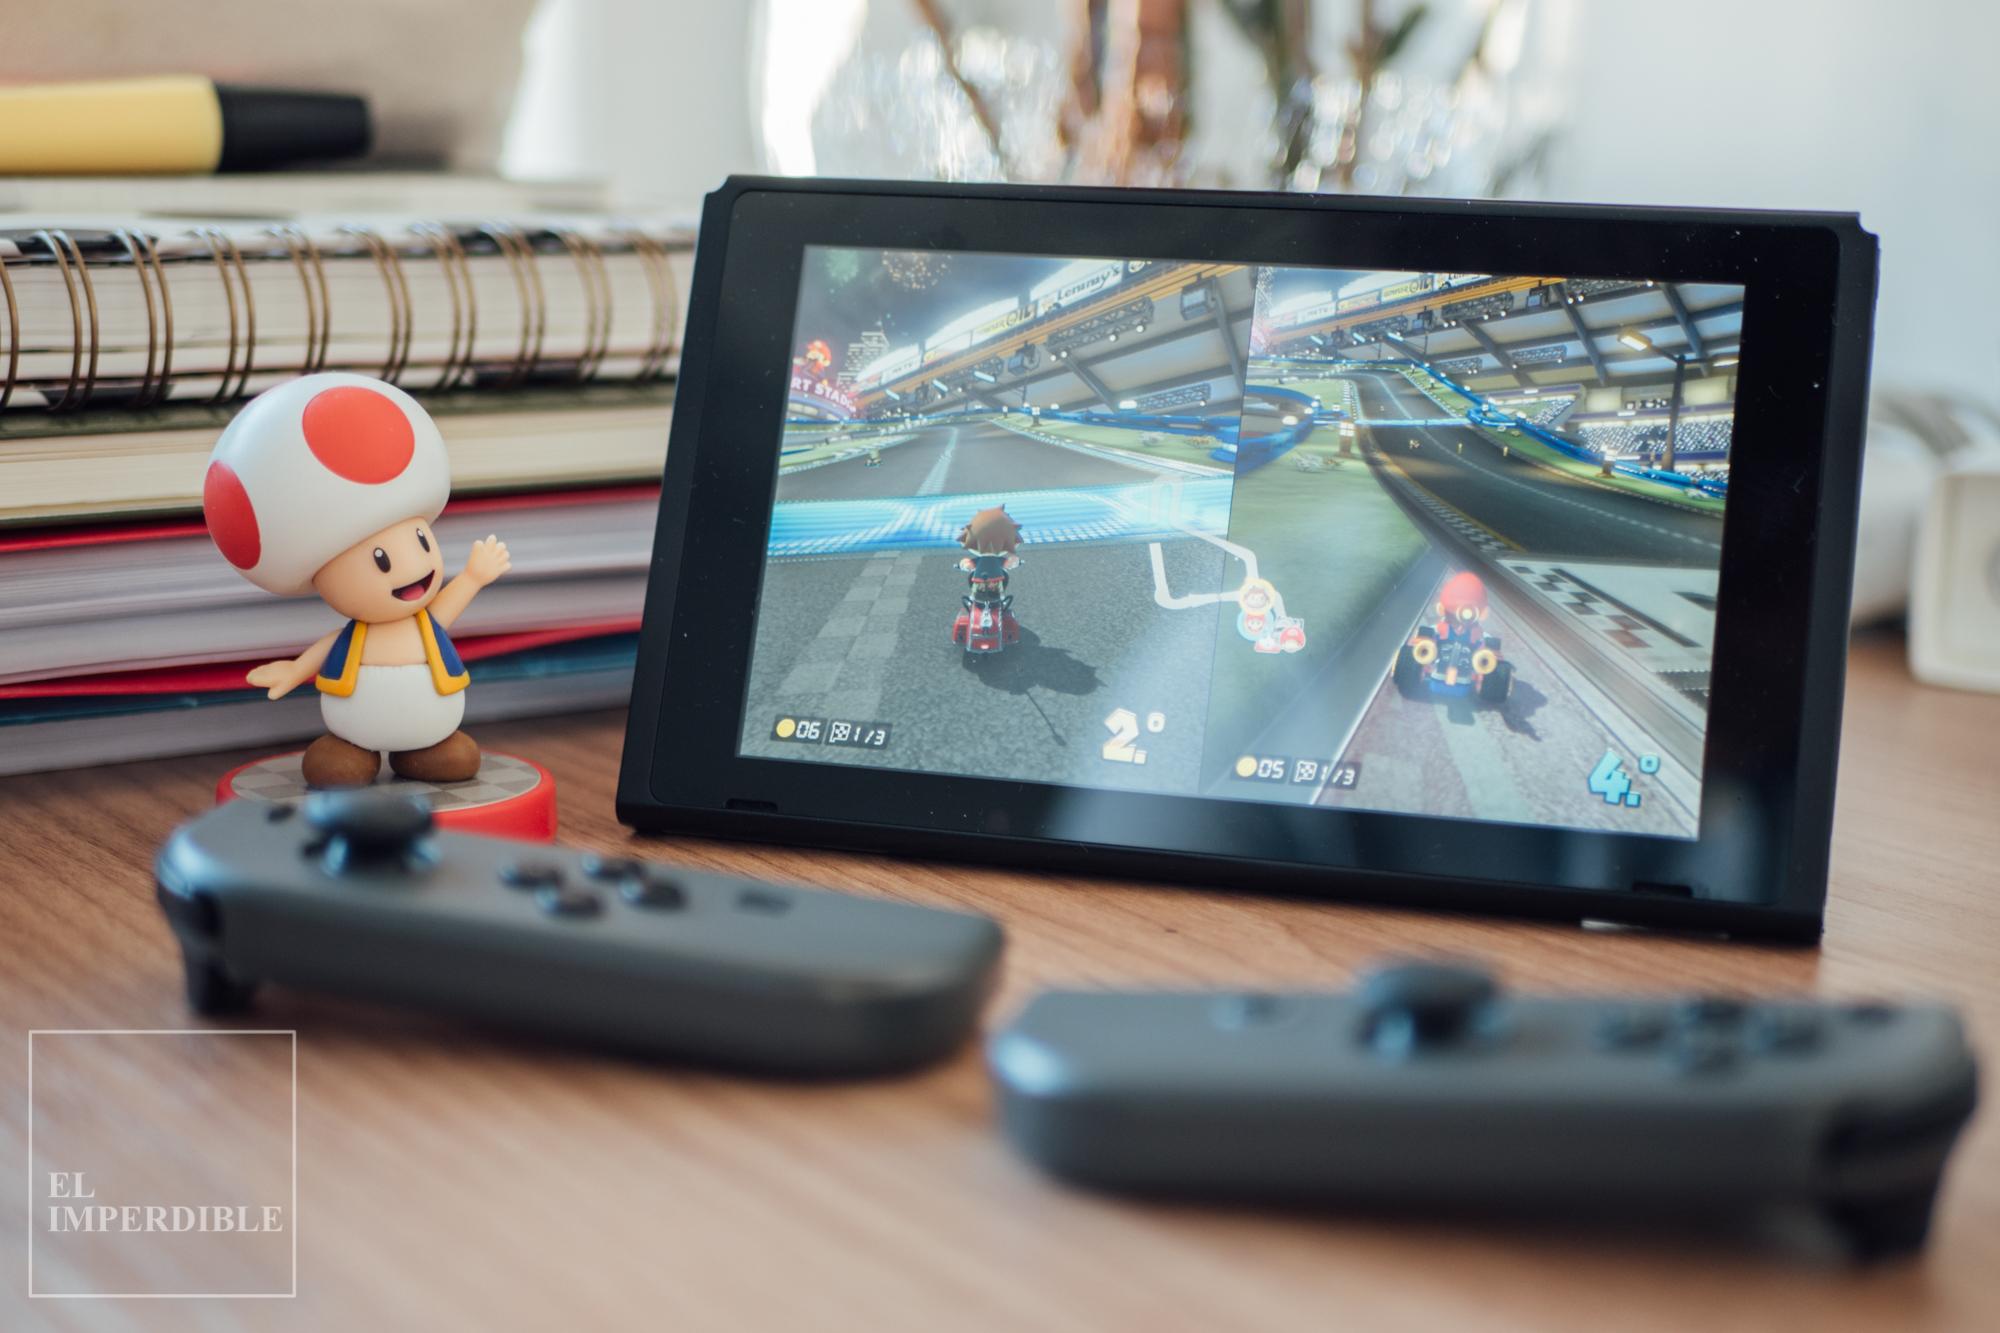 Mario Kart 8 Deluxe Los mejores juegos para nintendo Switch